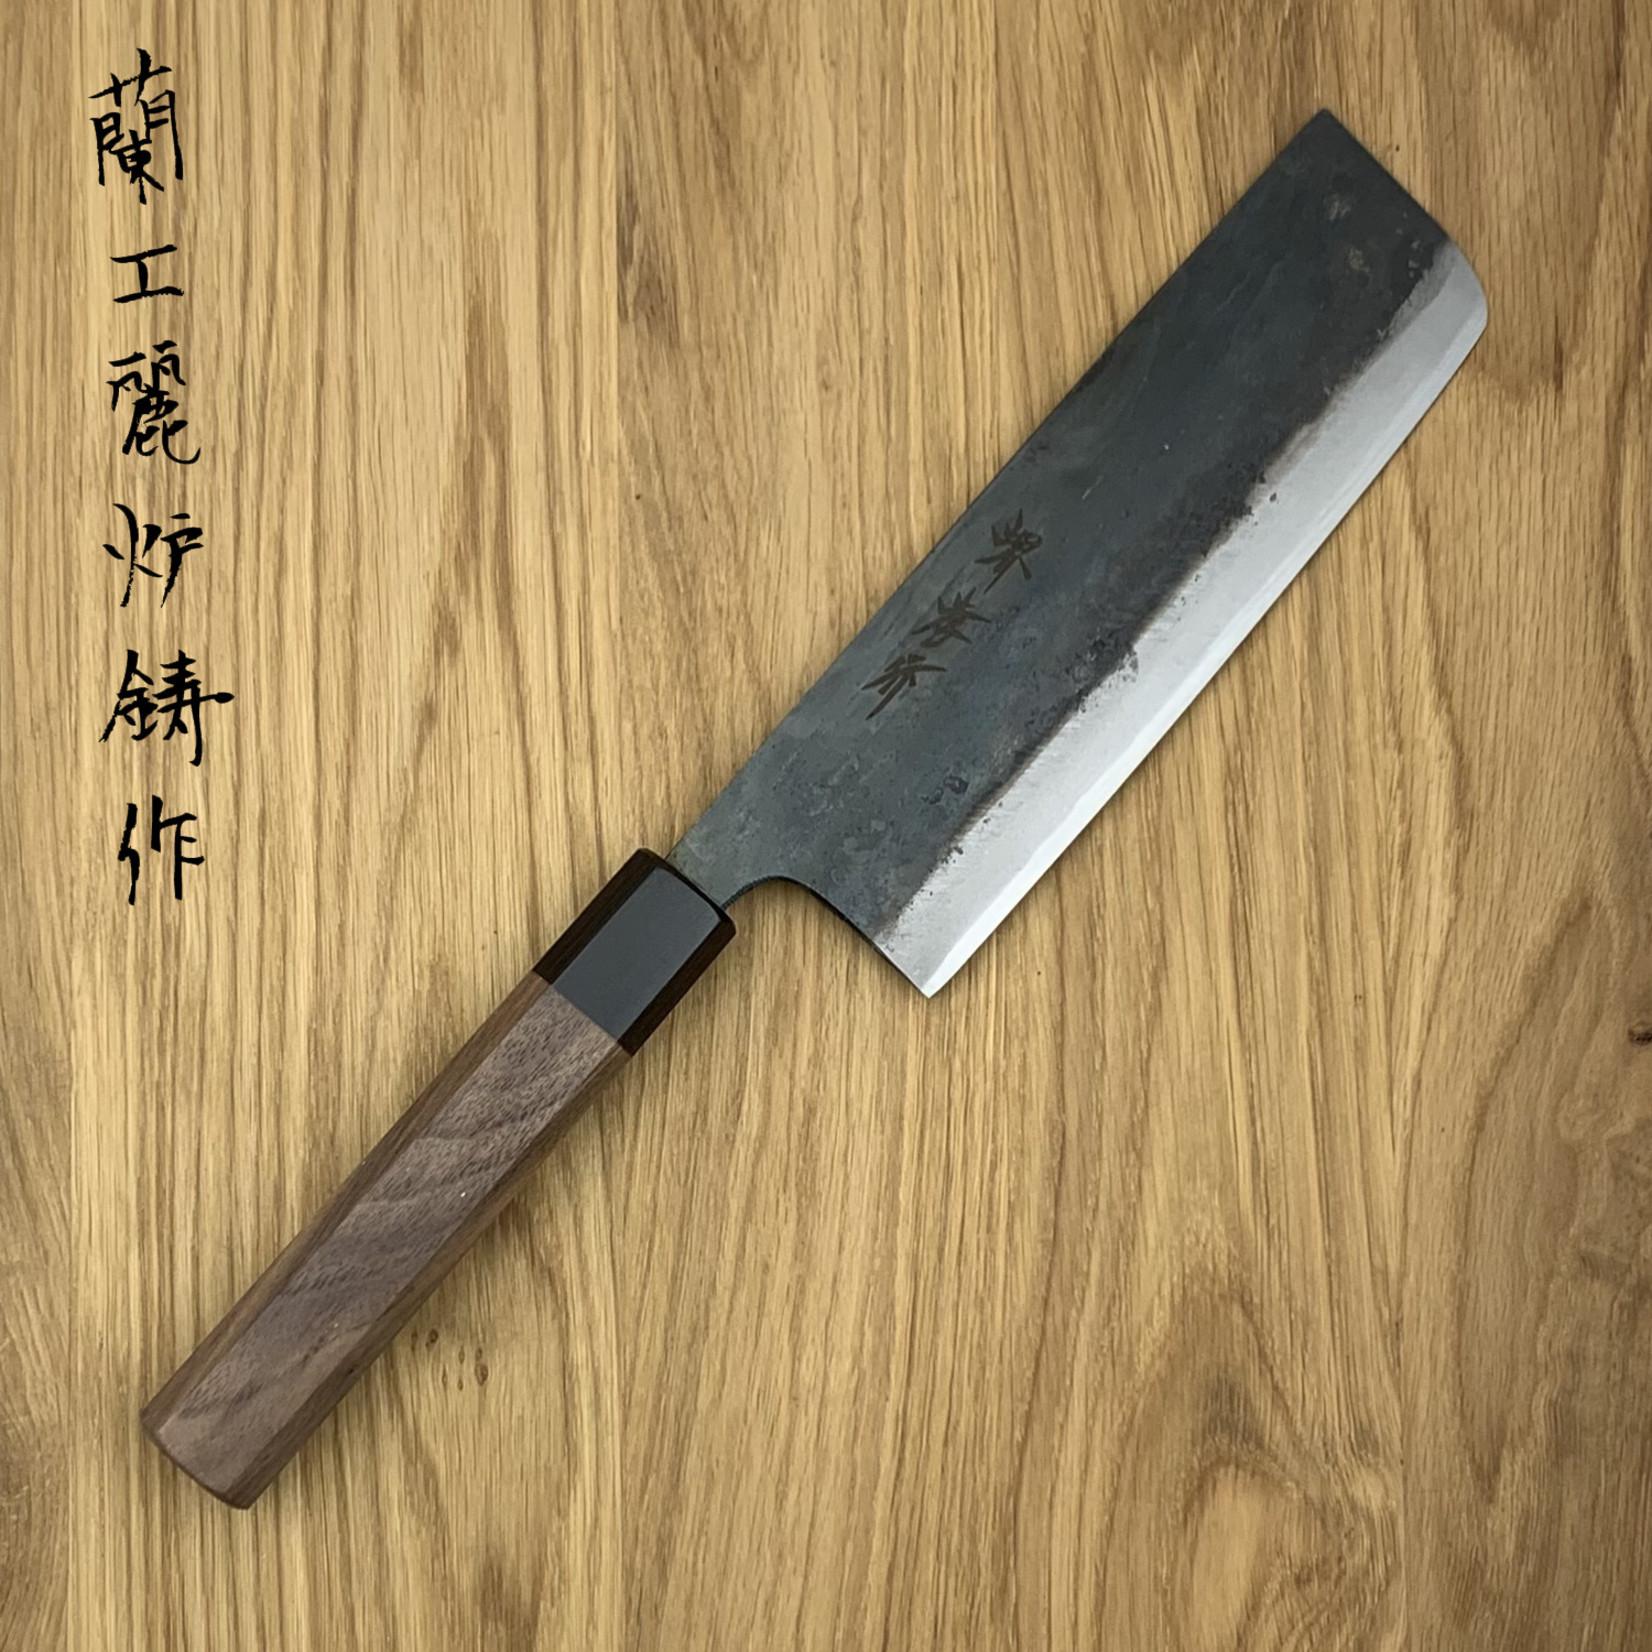 SAKAI TAKAYUKI Blue #2 Kurouchi Nakiri 170 mm 01173